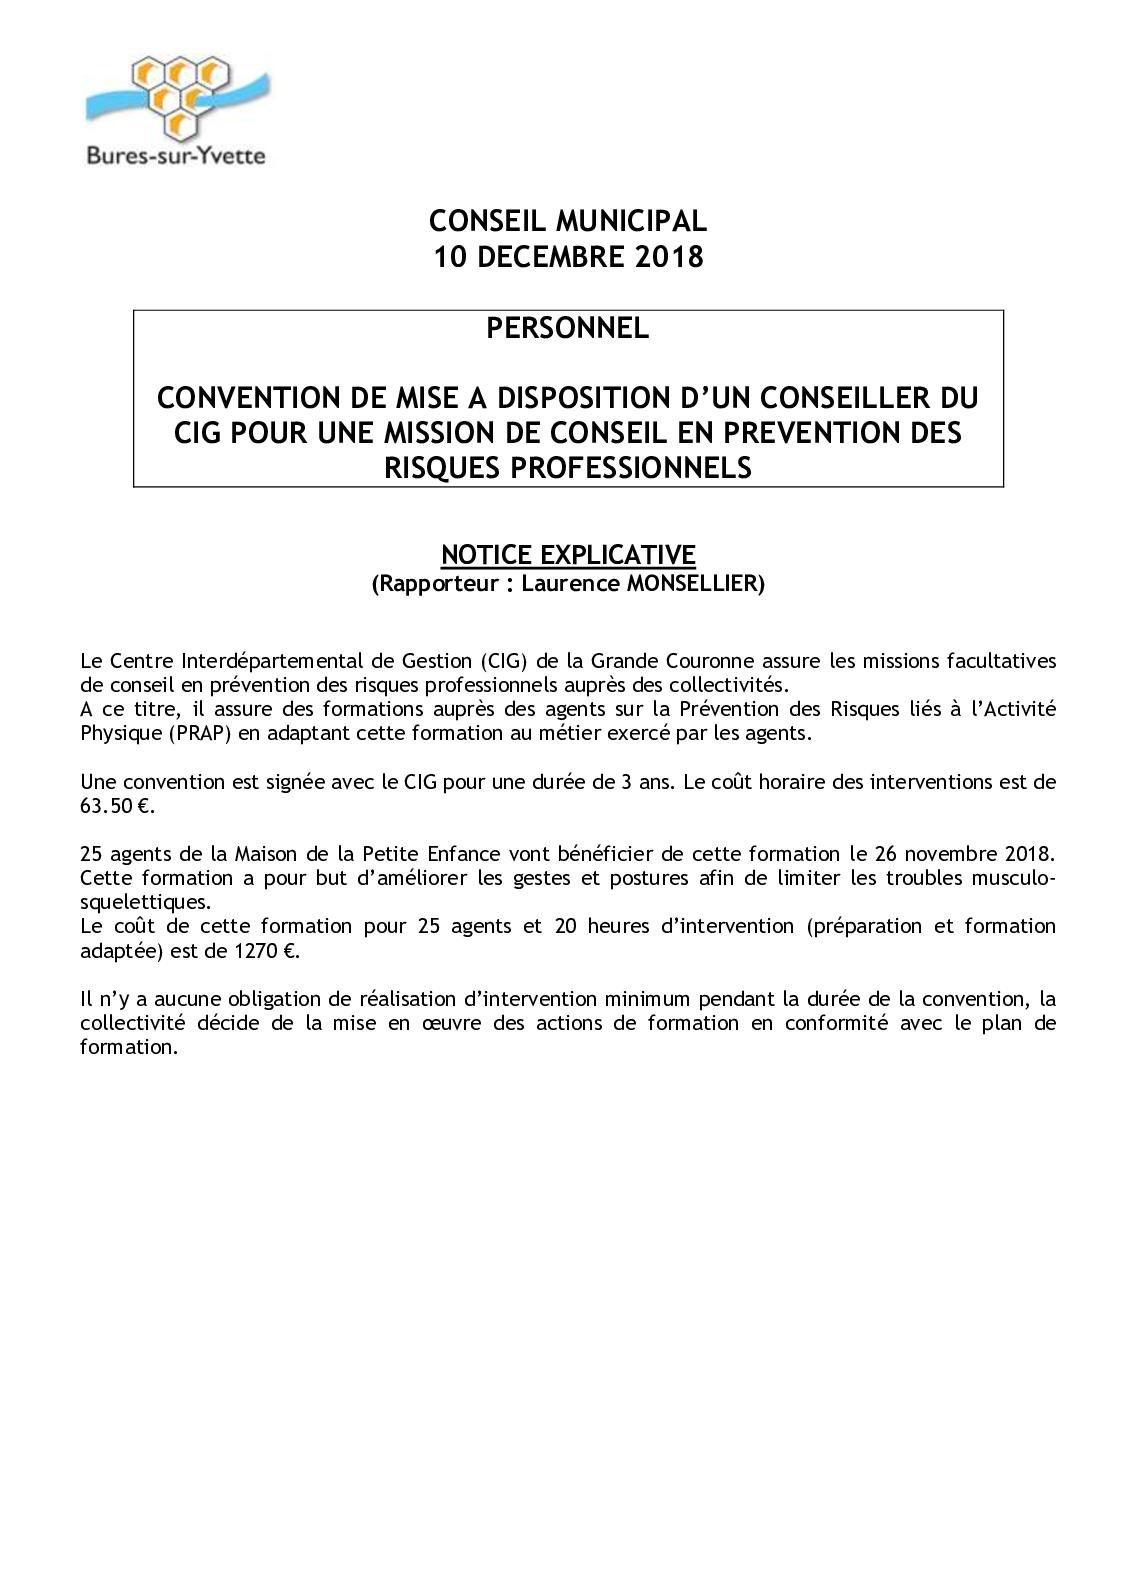 e52f7406bbb Calaméo - 16 01- NOTICE+PROJETDELIB - CONVENTION MAD D UN CONSEILLER DU CIG  POUR DES MISSIONS DE PREVENTION